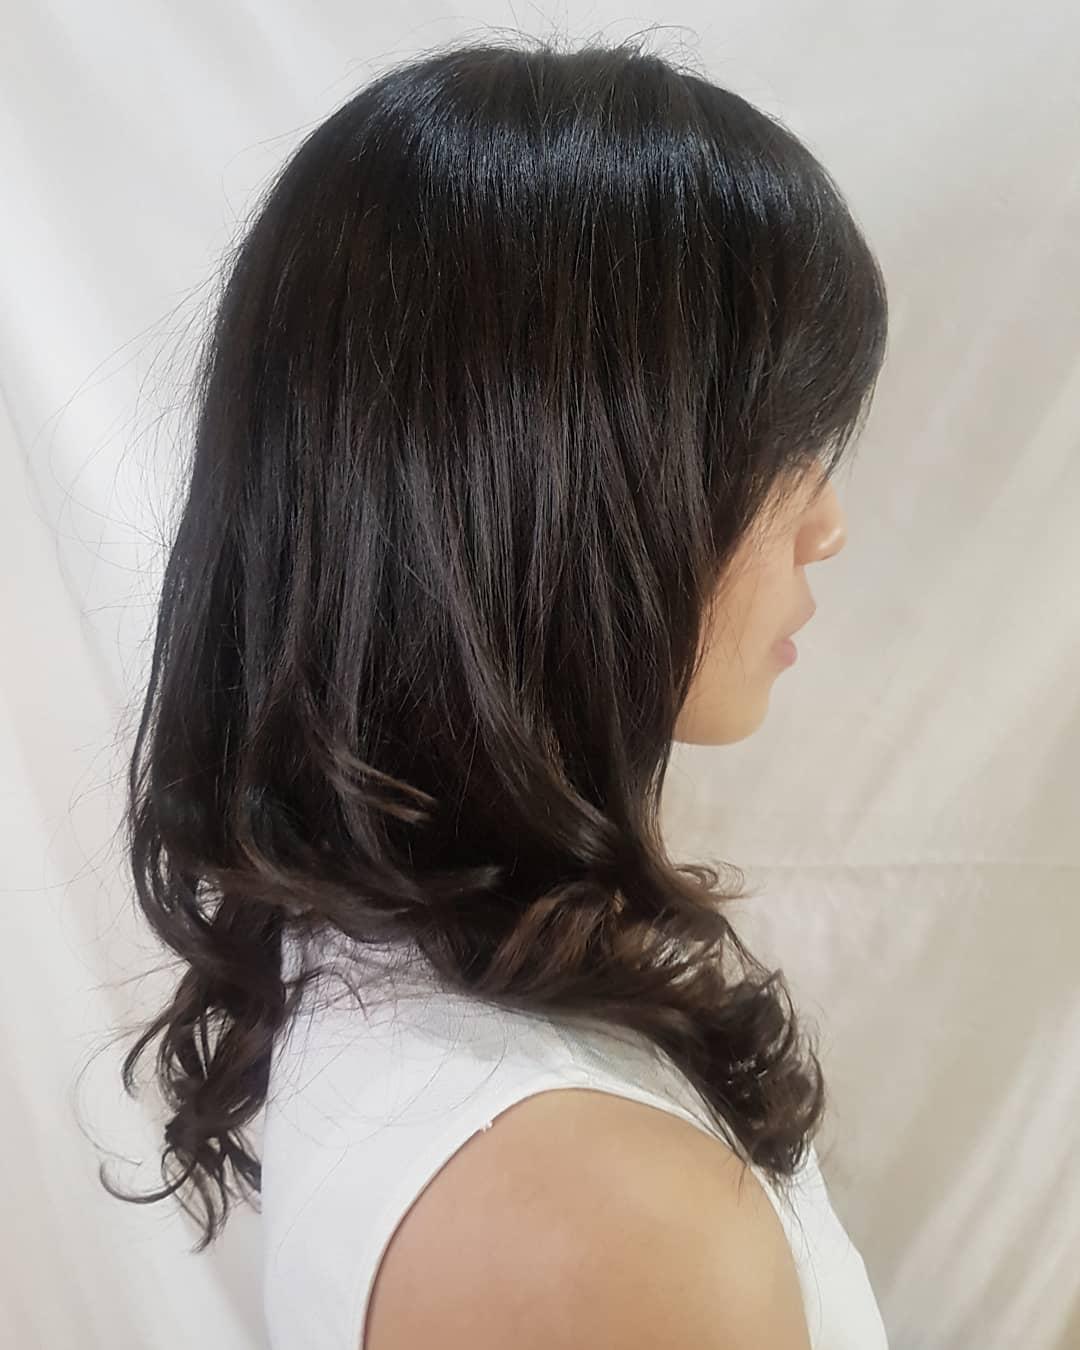 Semua Hal Yang Perlu Kamu Tahu Tentang Permanent Blow Dry Alora Hair Beauty Spa Beauty Is A Choice